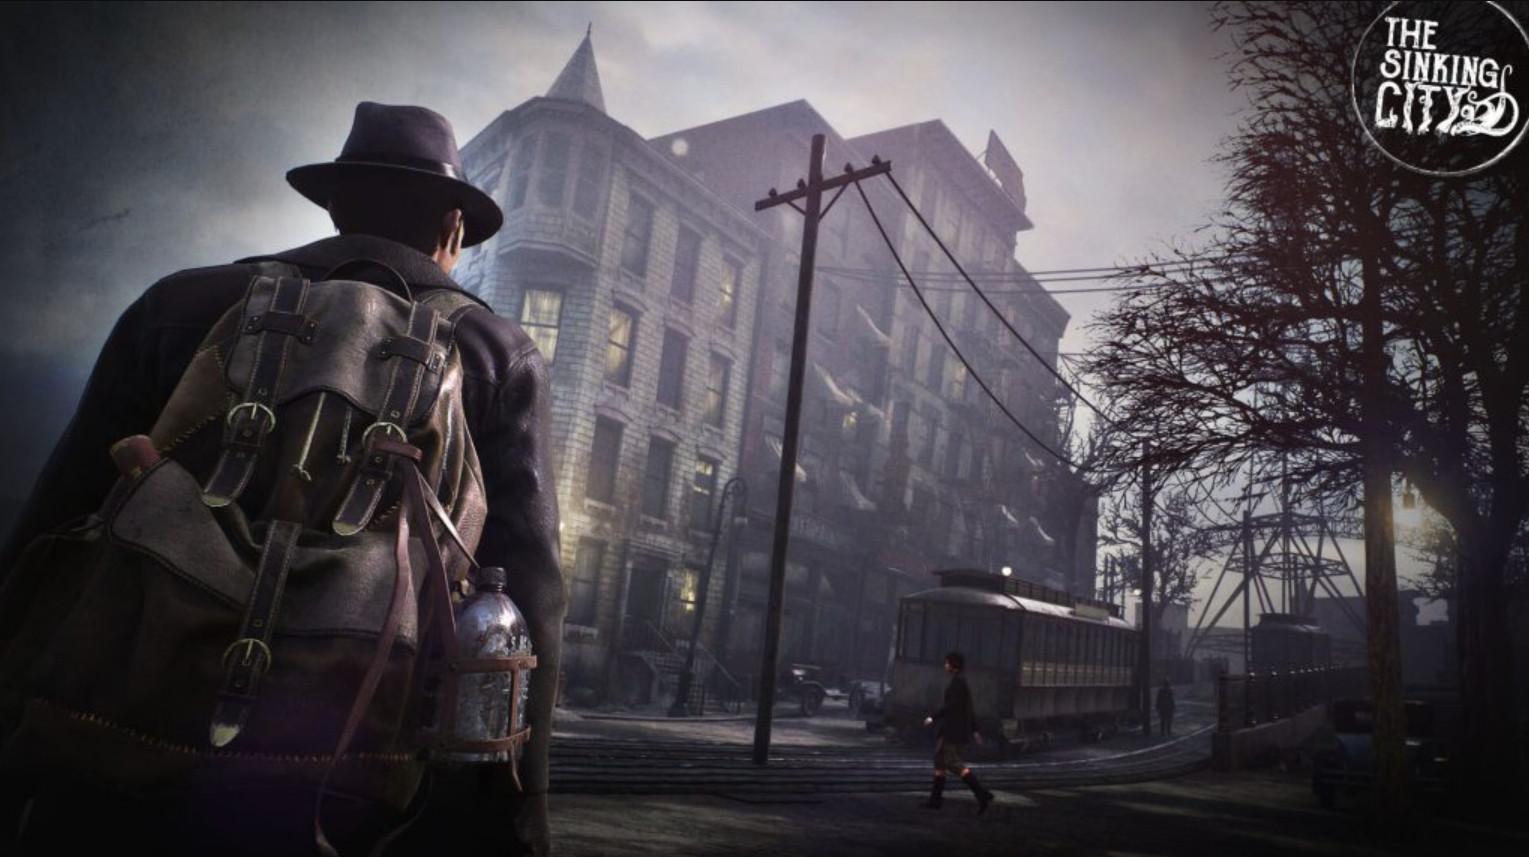 克苏鲁题材角色扮演游戏《沉没之城》现已推出PS5版